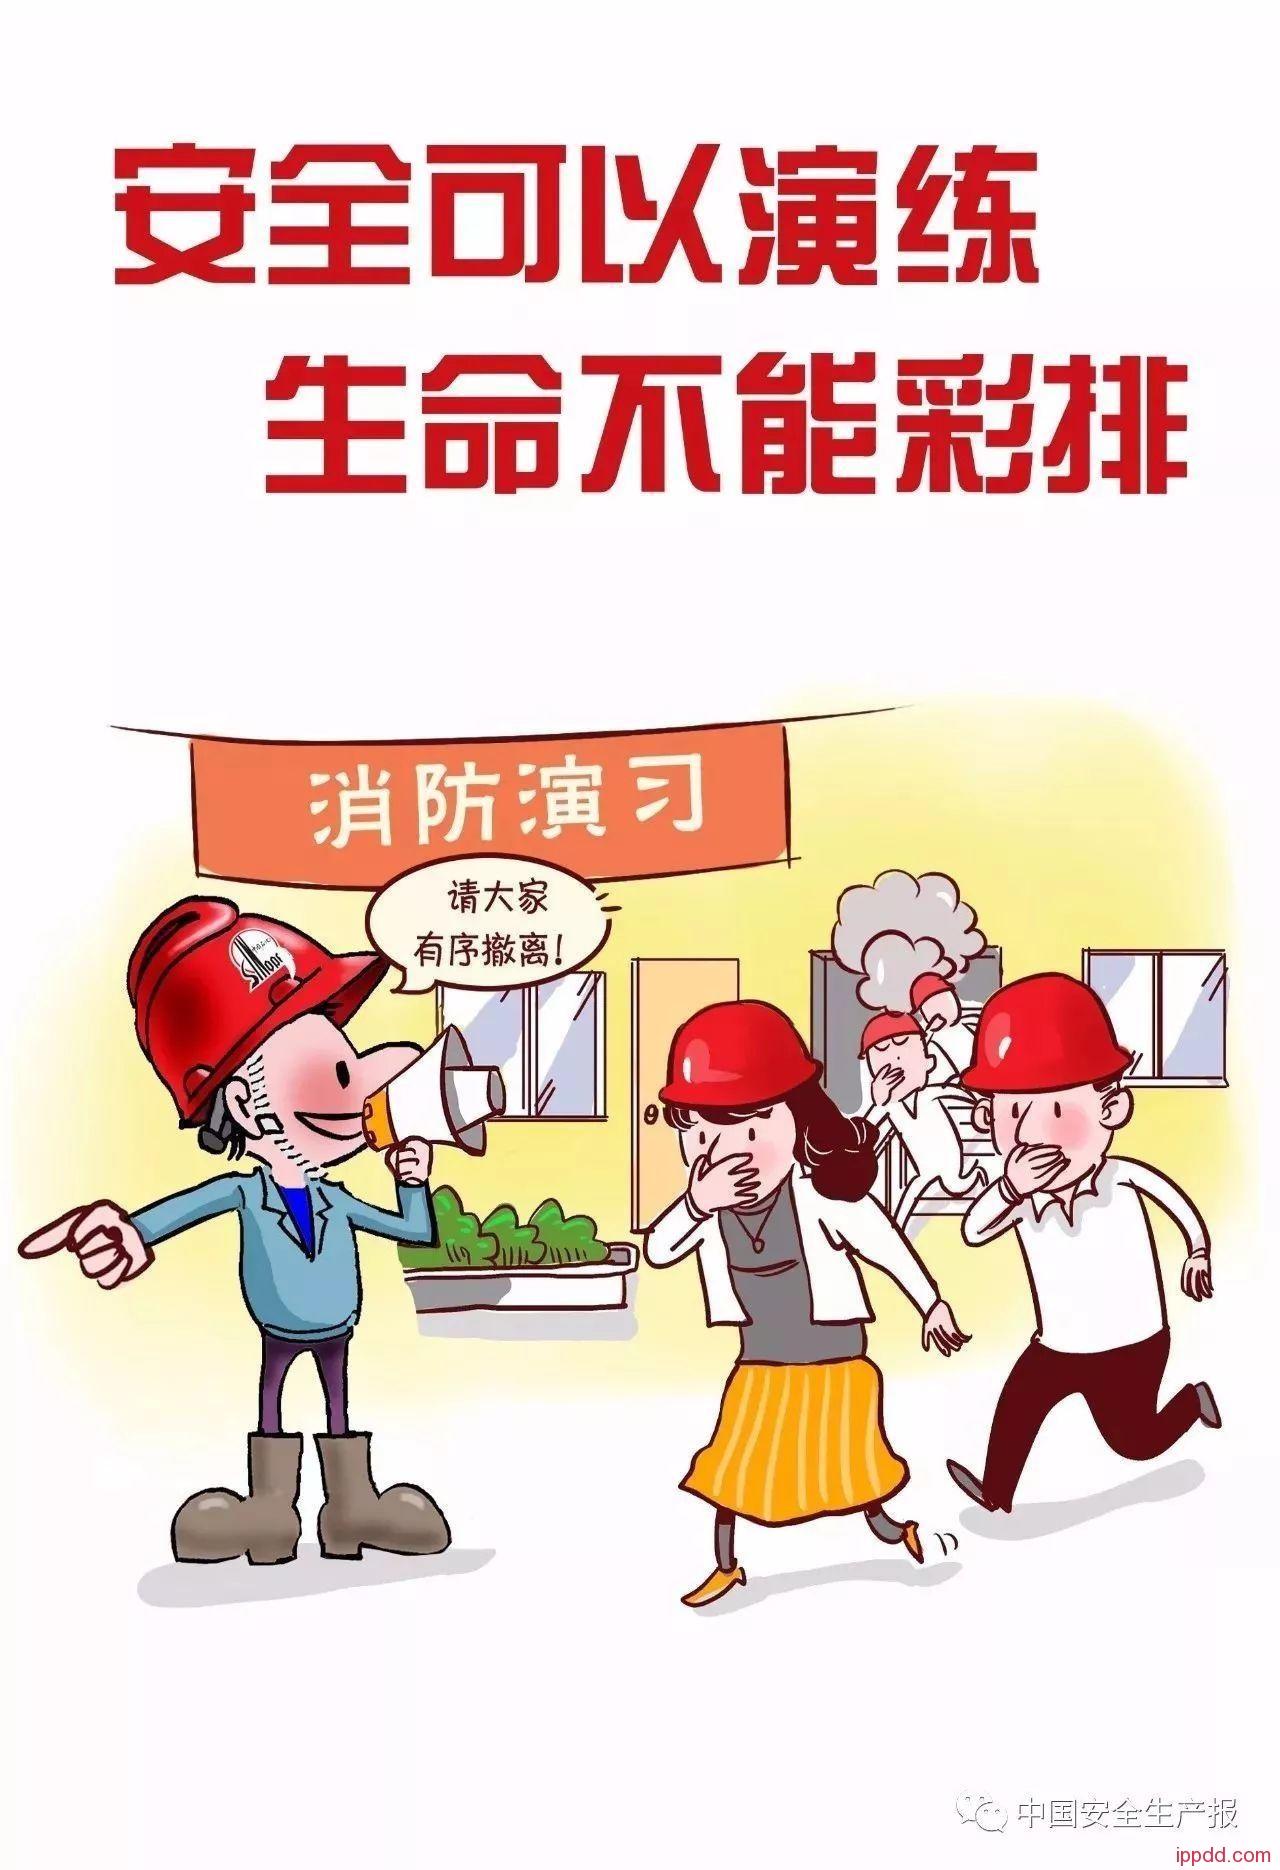 又一组安全宣传漫画,收集!-港口技术安全网